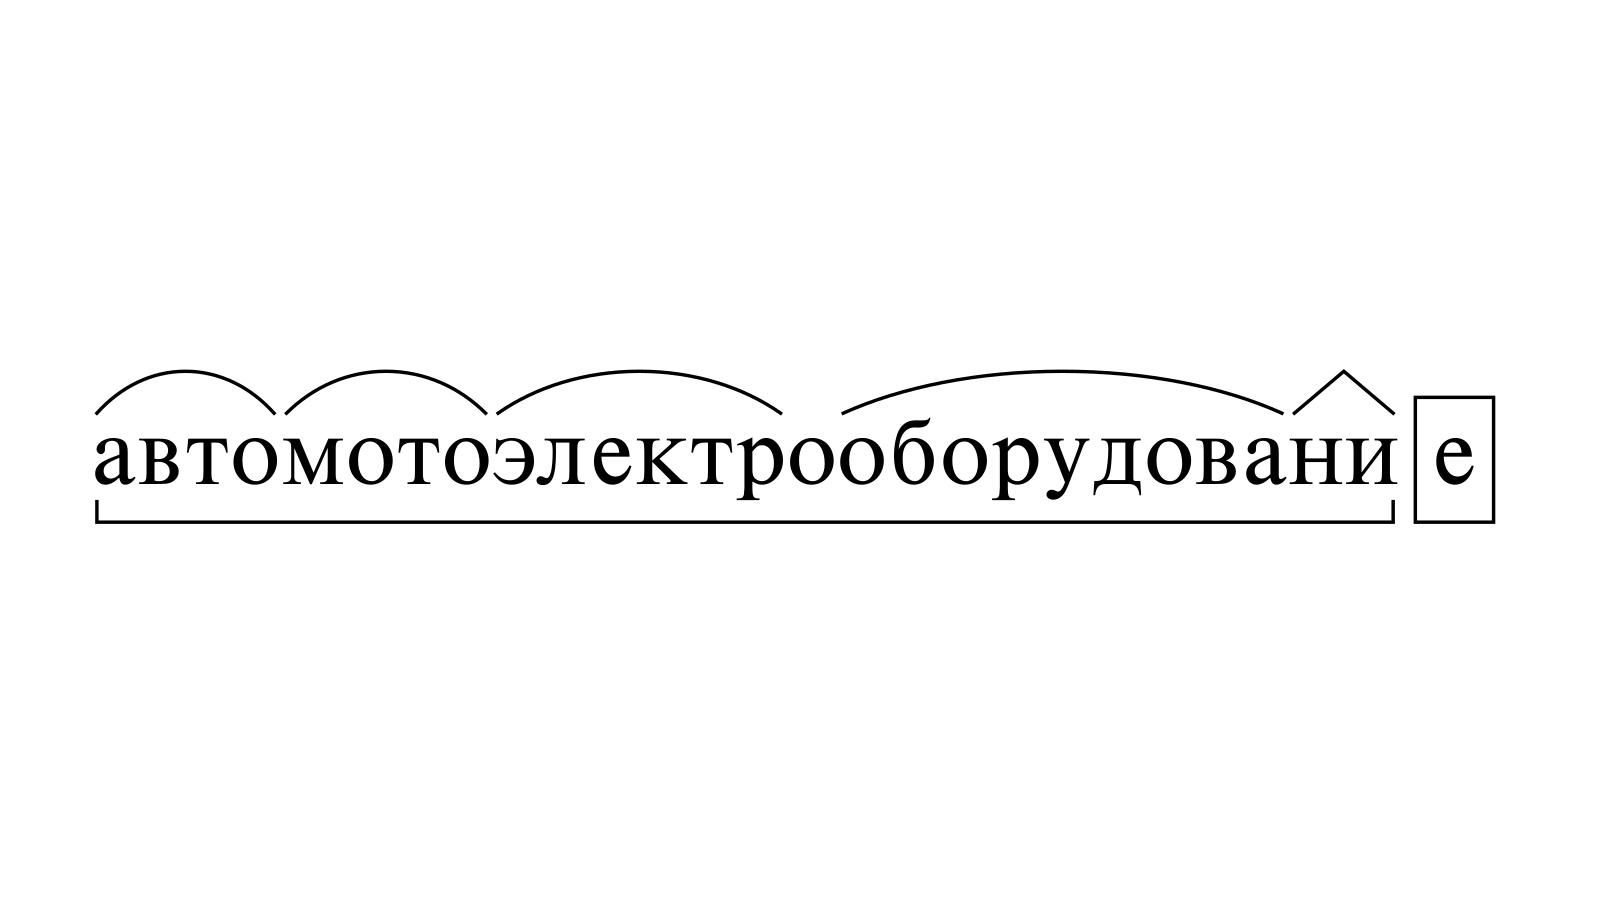 Разбор слова «автомотоэлектрооборудование» по составу